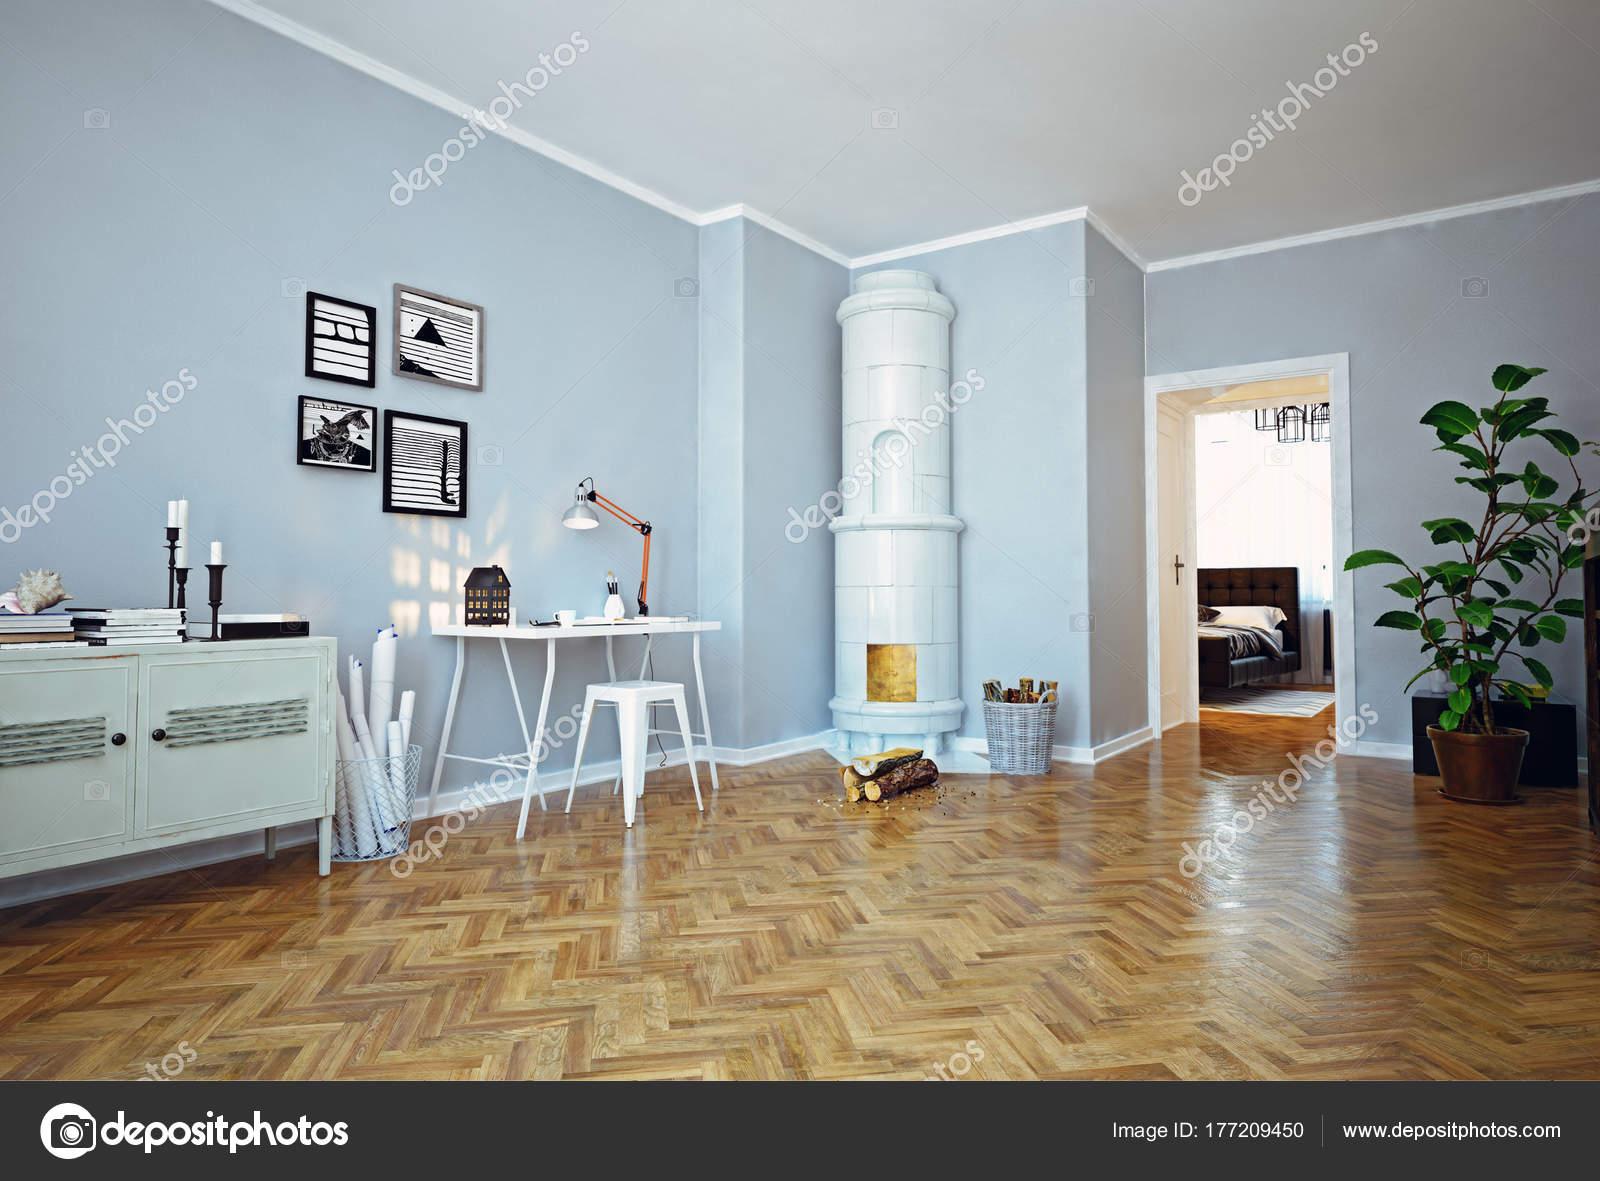 Modernes Apartment Interieur Mit Klassischen Schwedischen Ofen ...